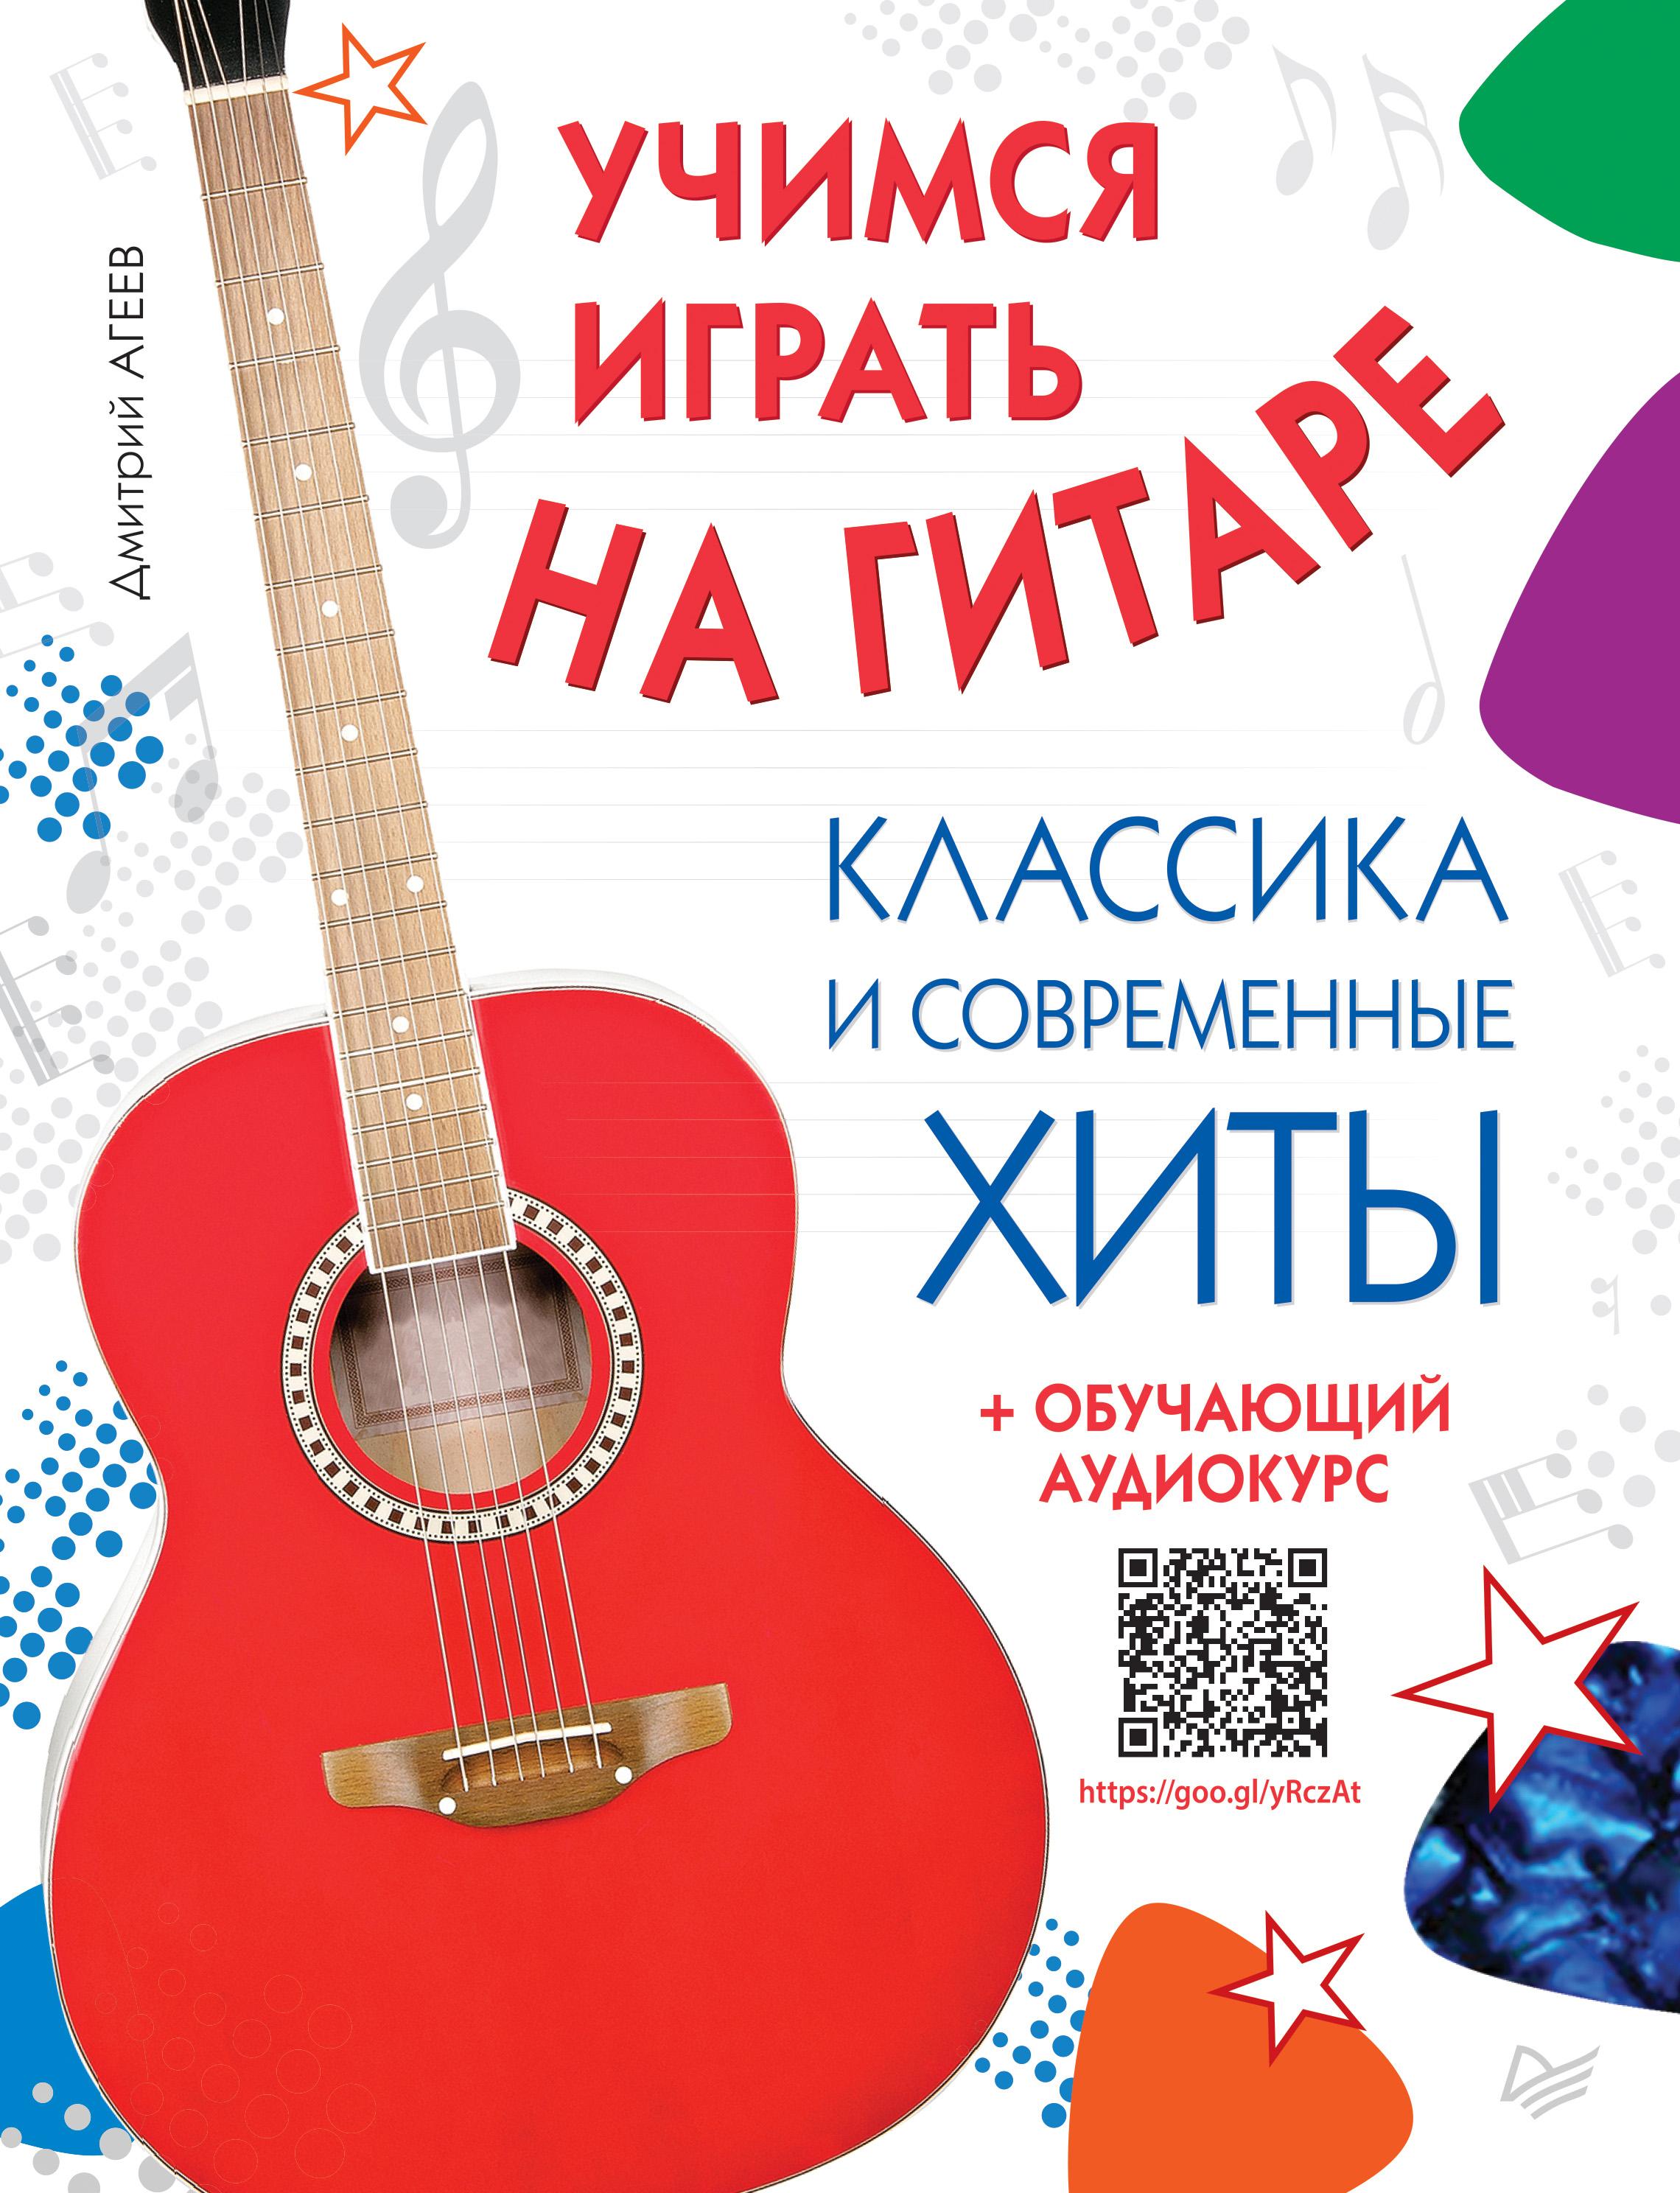 Дмитрий Агеев Учимся играть на гитаре. Классика и современные хиты (+ обучающий аудиокурс) агеев д самоучитель игры на электрогитаре аудиокурс по ссылке